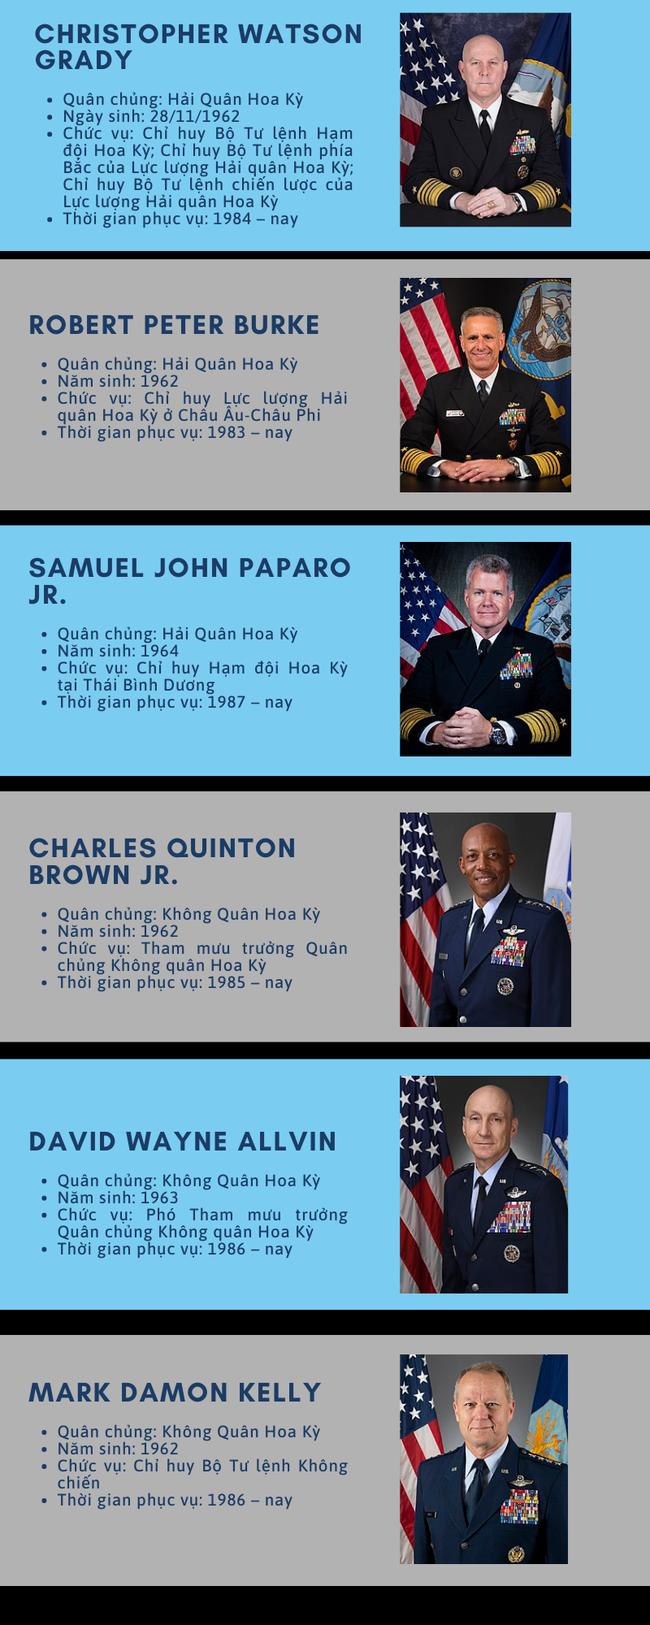 43 vị tướng 4 sao của Mỹ hiện nay là ai? - Ảnh 6.